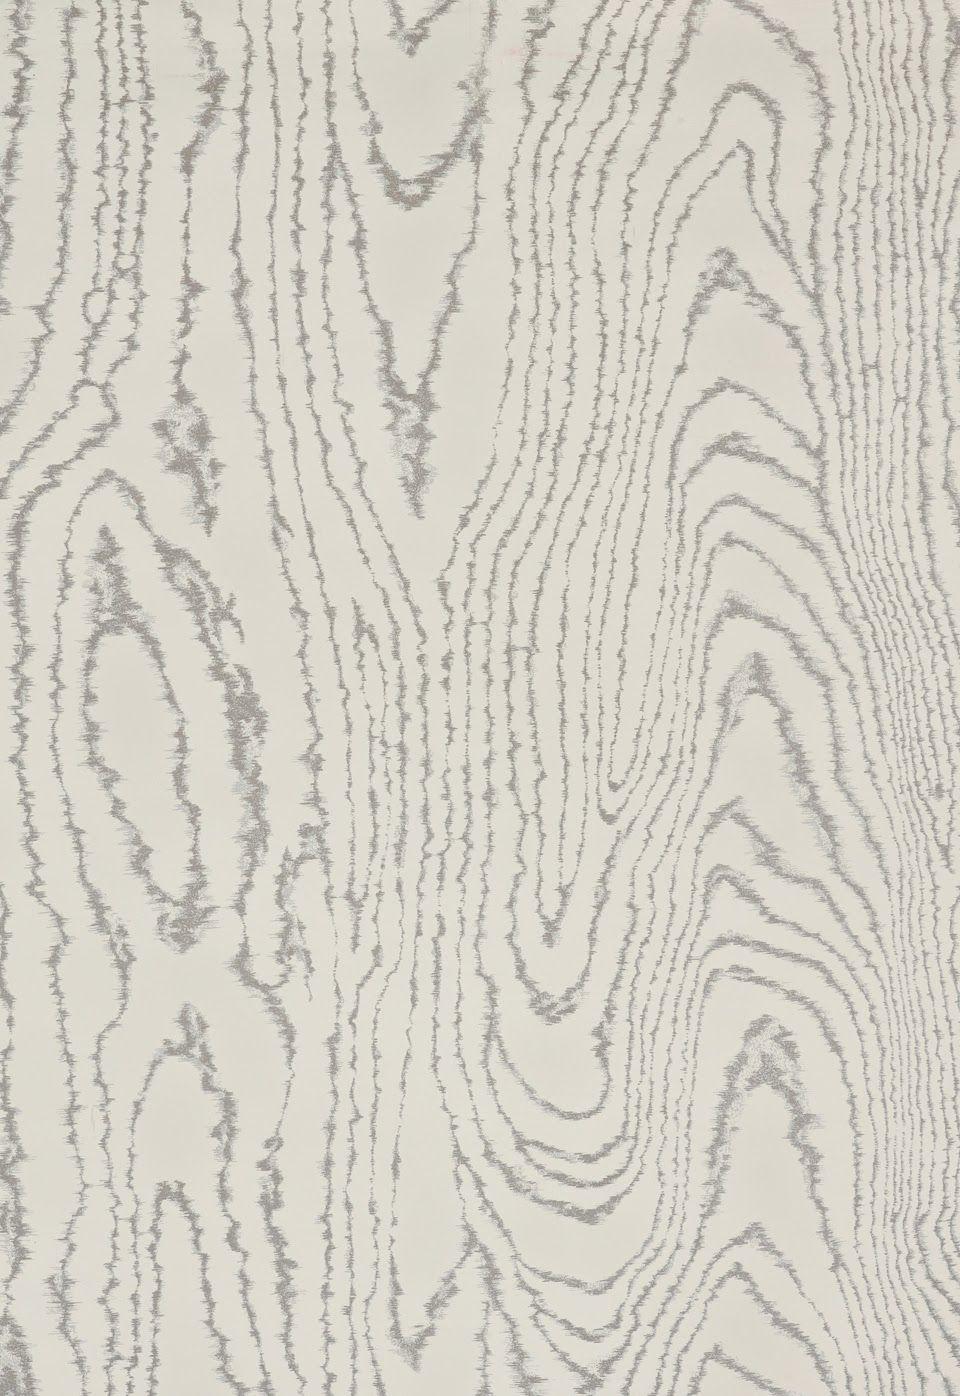 Faux Bois Wallpaper faux bois wallcovering in color silver moon. faux wood wallpaper